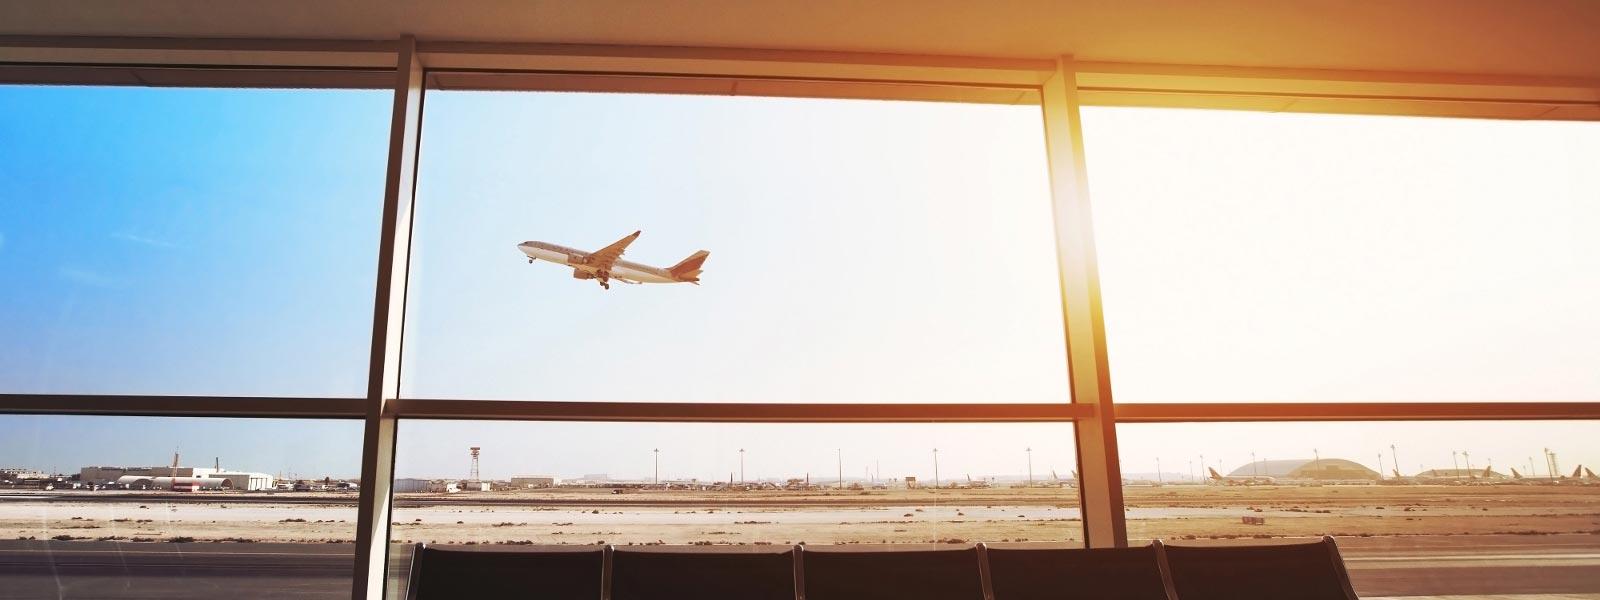 Ryanair voos